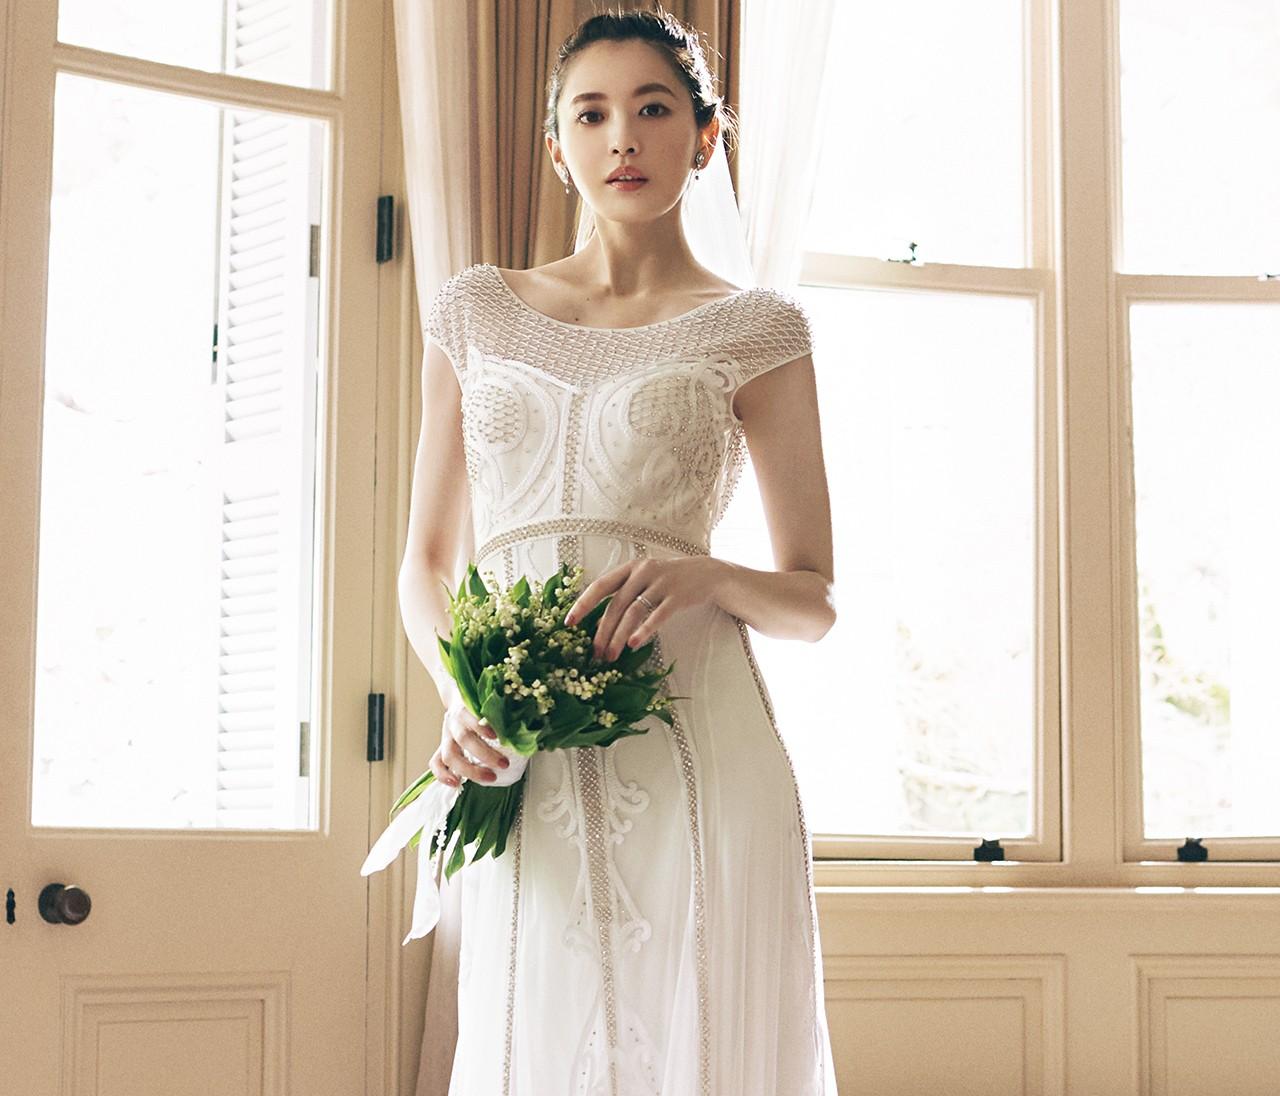 大人花嫁の魅力が輝く!クラシックモダンな細身ドレス